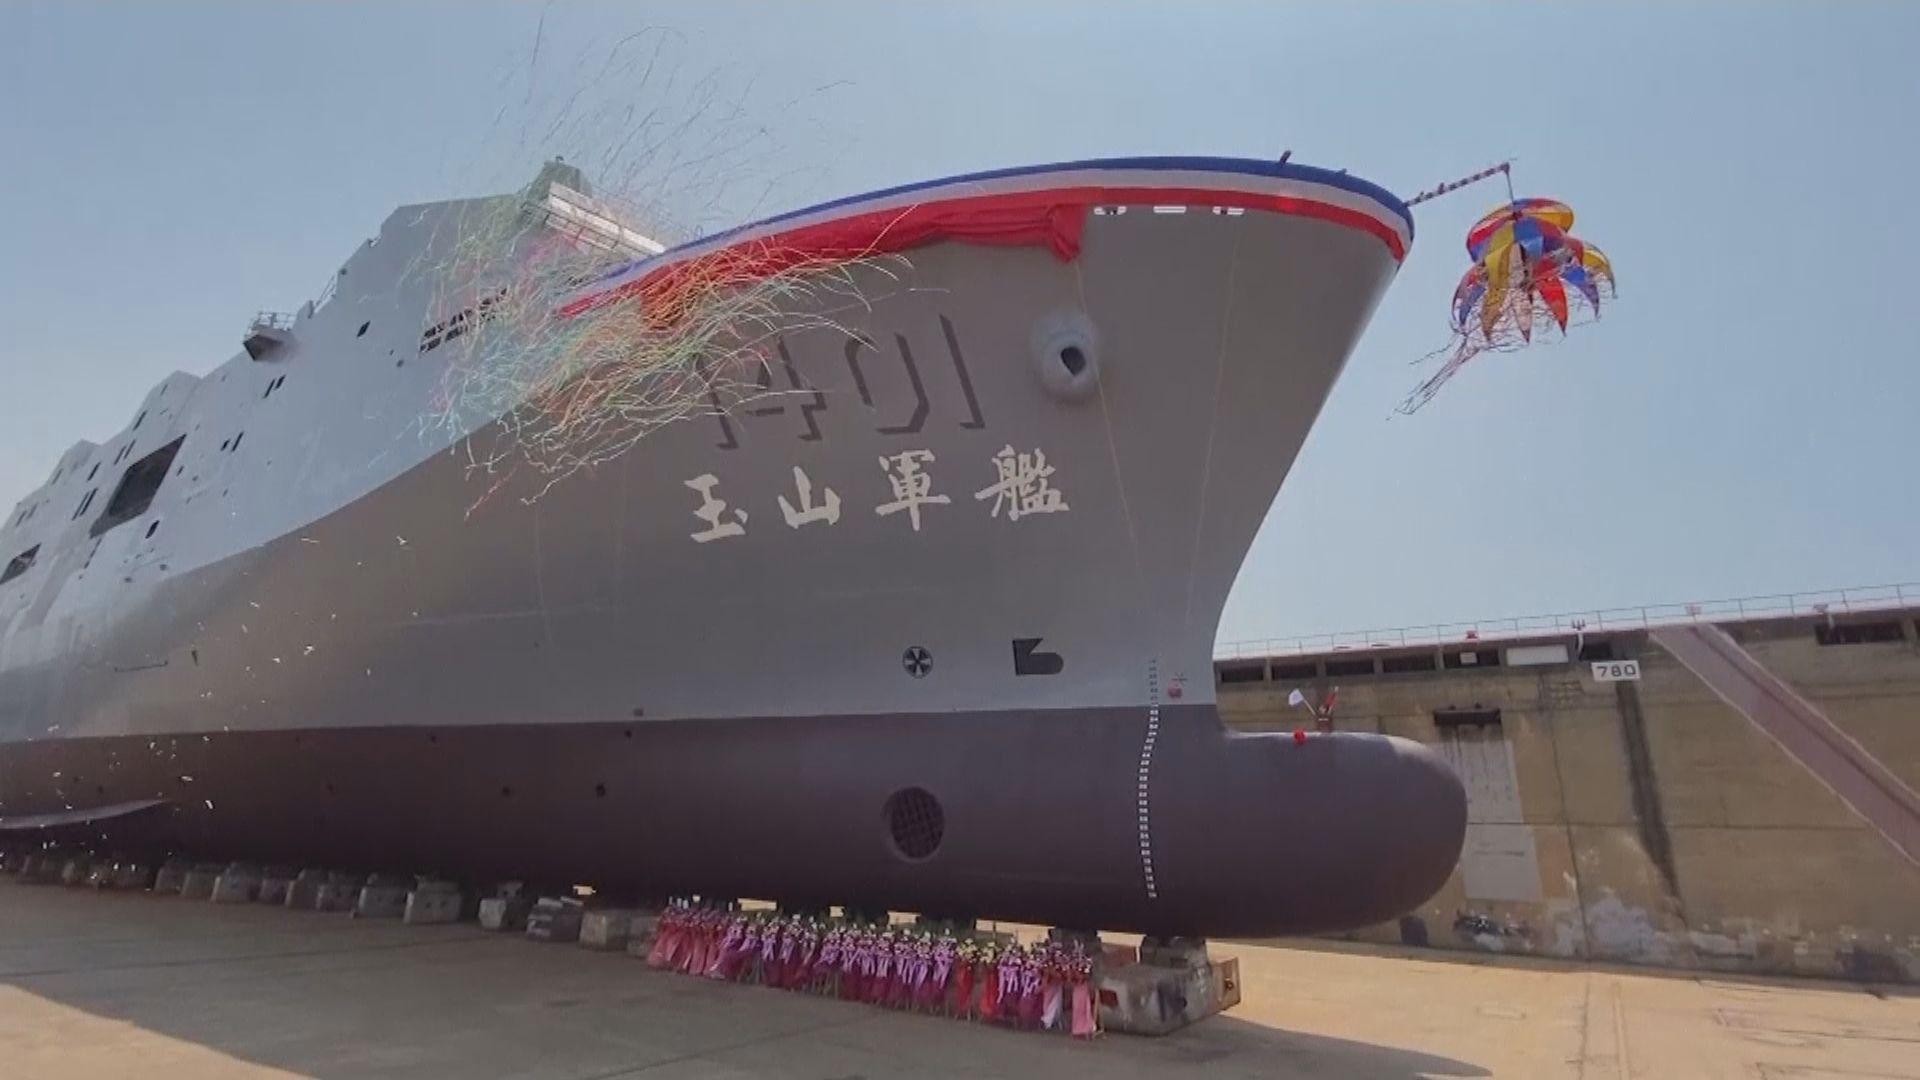 台灣首艘自製萬噸級兩棲運輸艦正式下水 蔡英文:冀防衛力量更加堅實